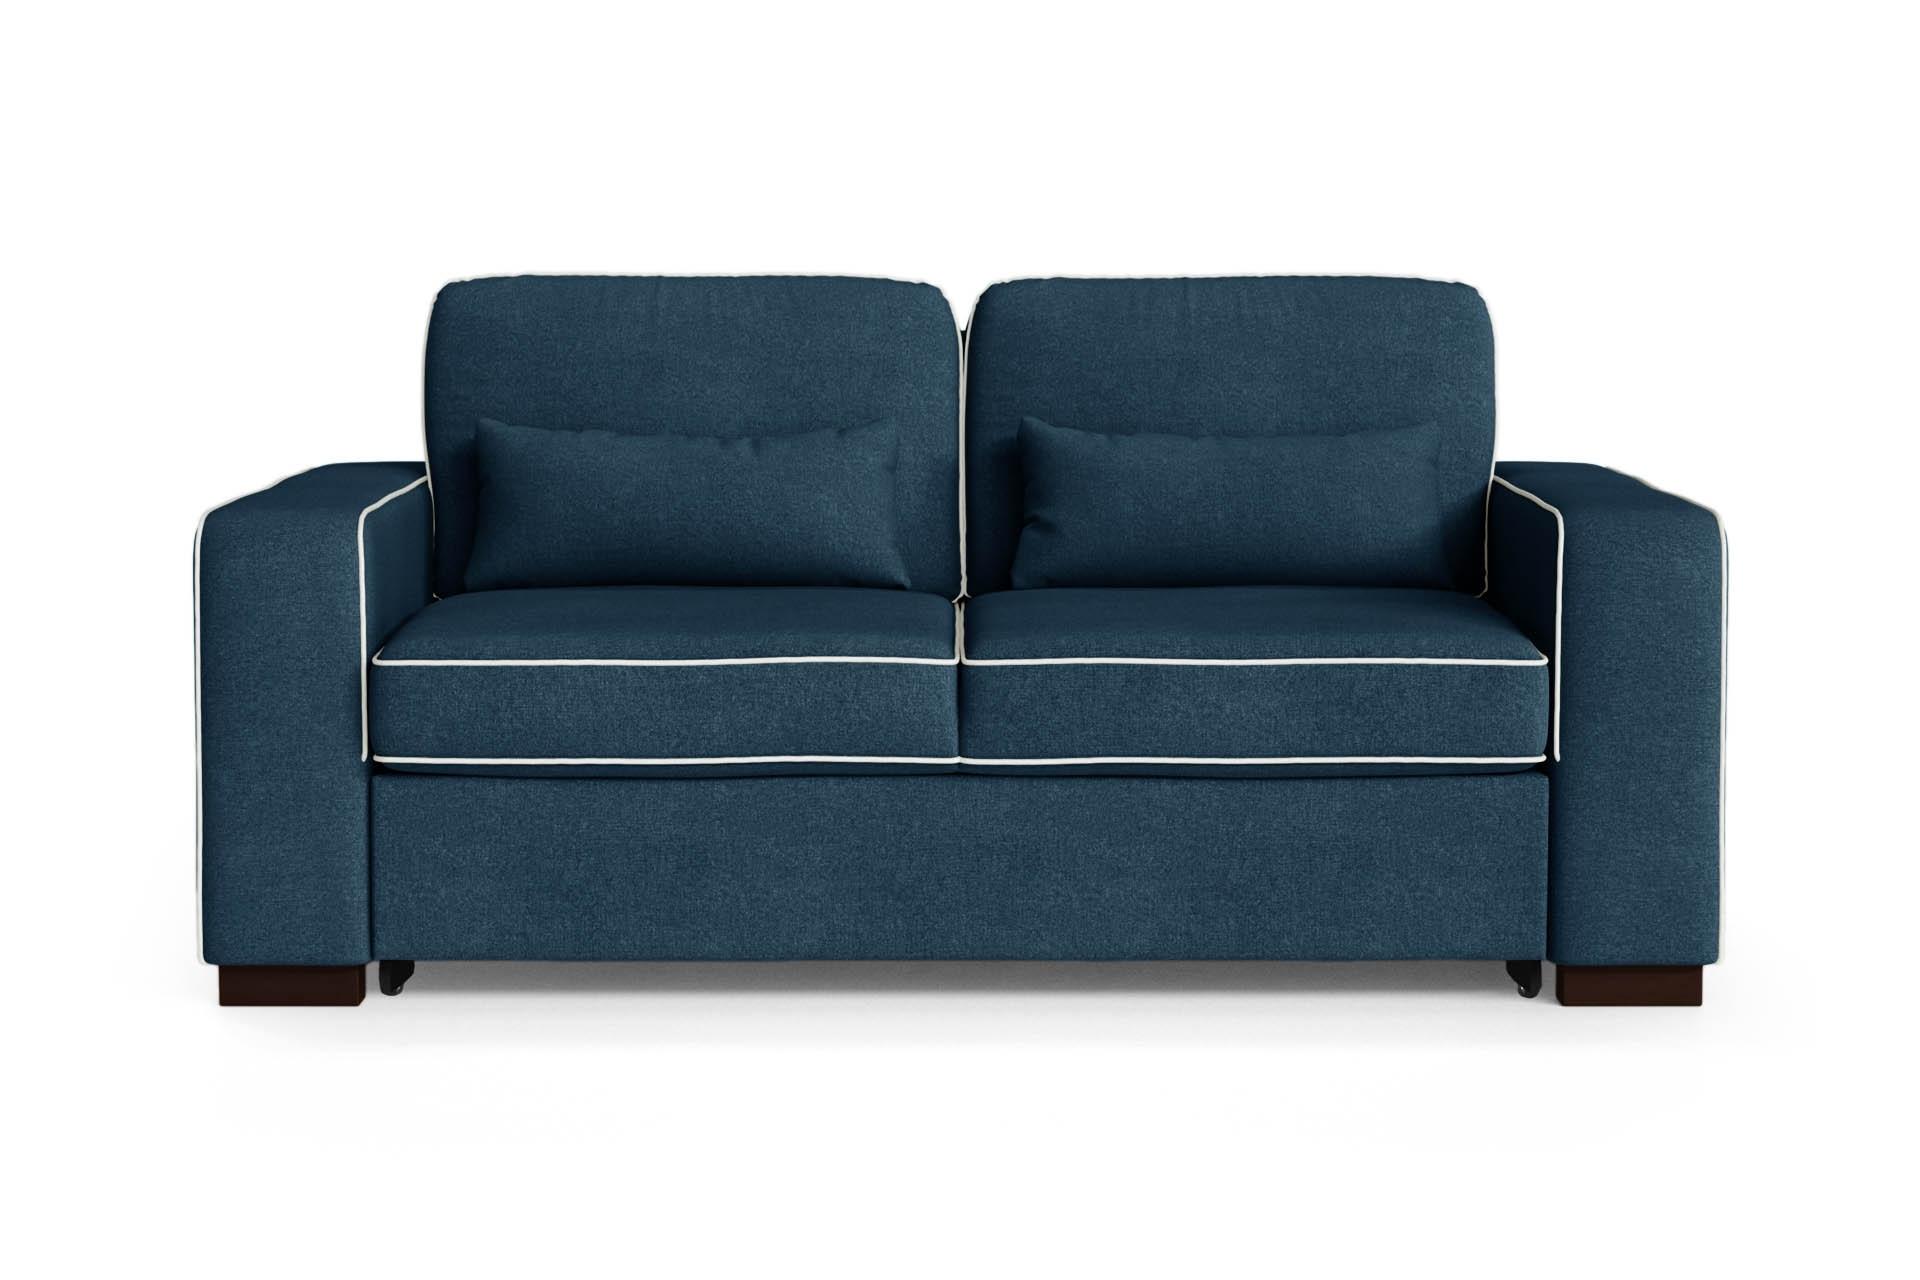 Canapé convertible 2 places toucher coton bleu/gris clair